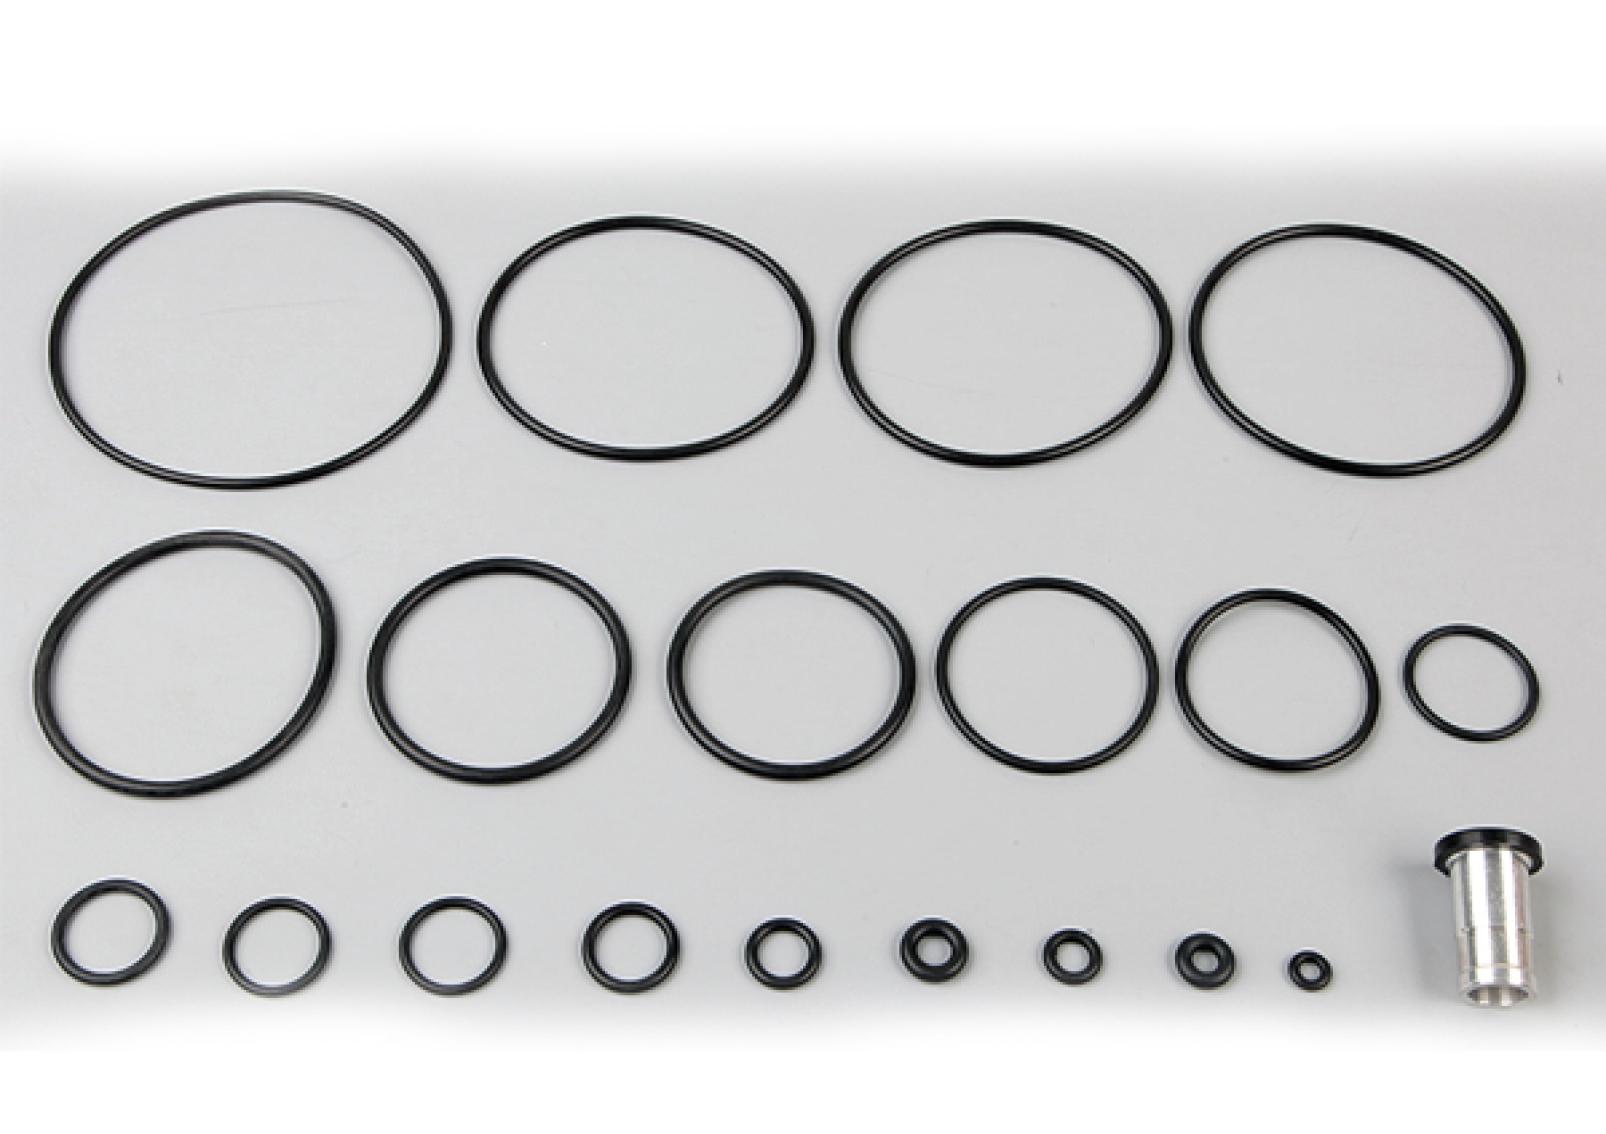 Trailer Control Valve Repair Kit, AB2840